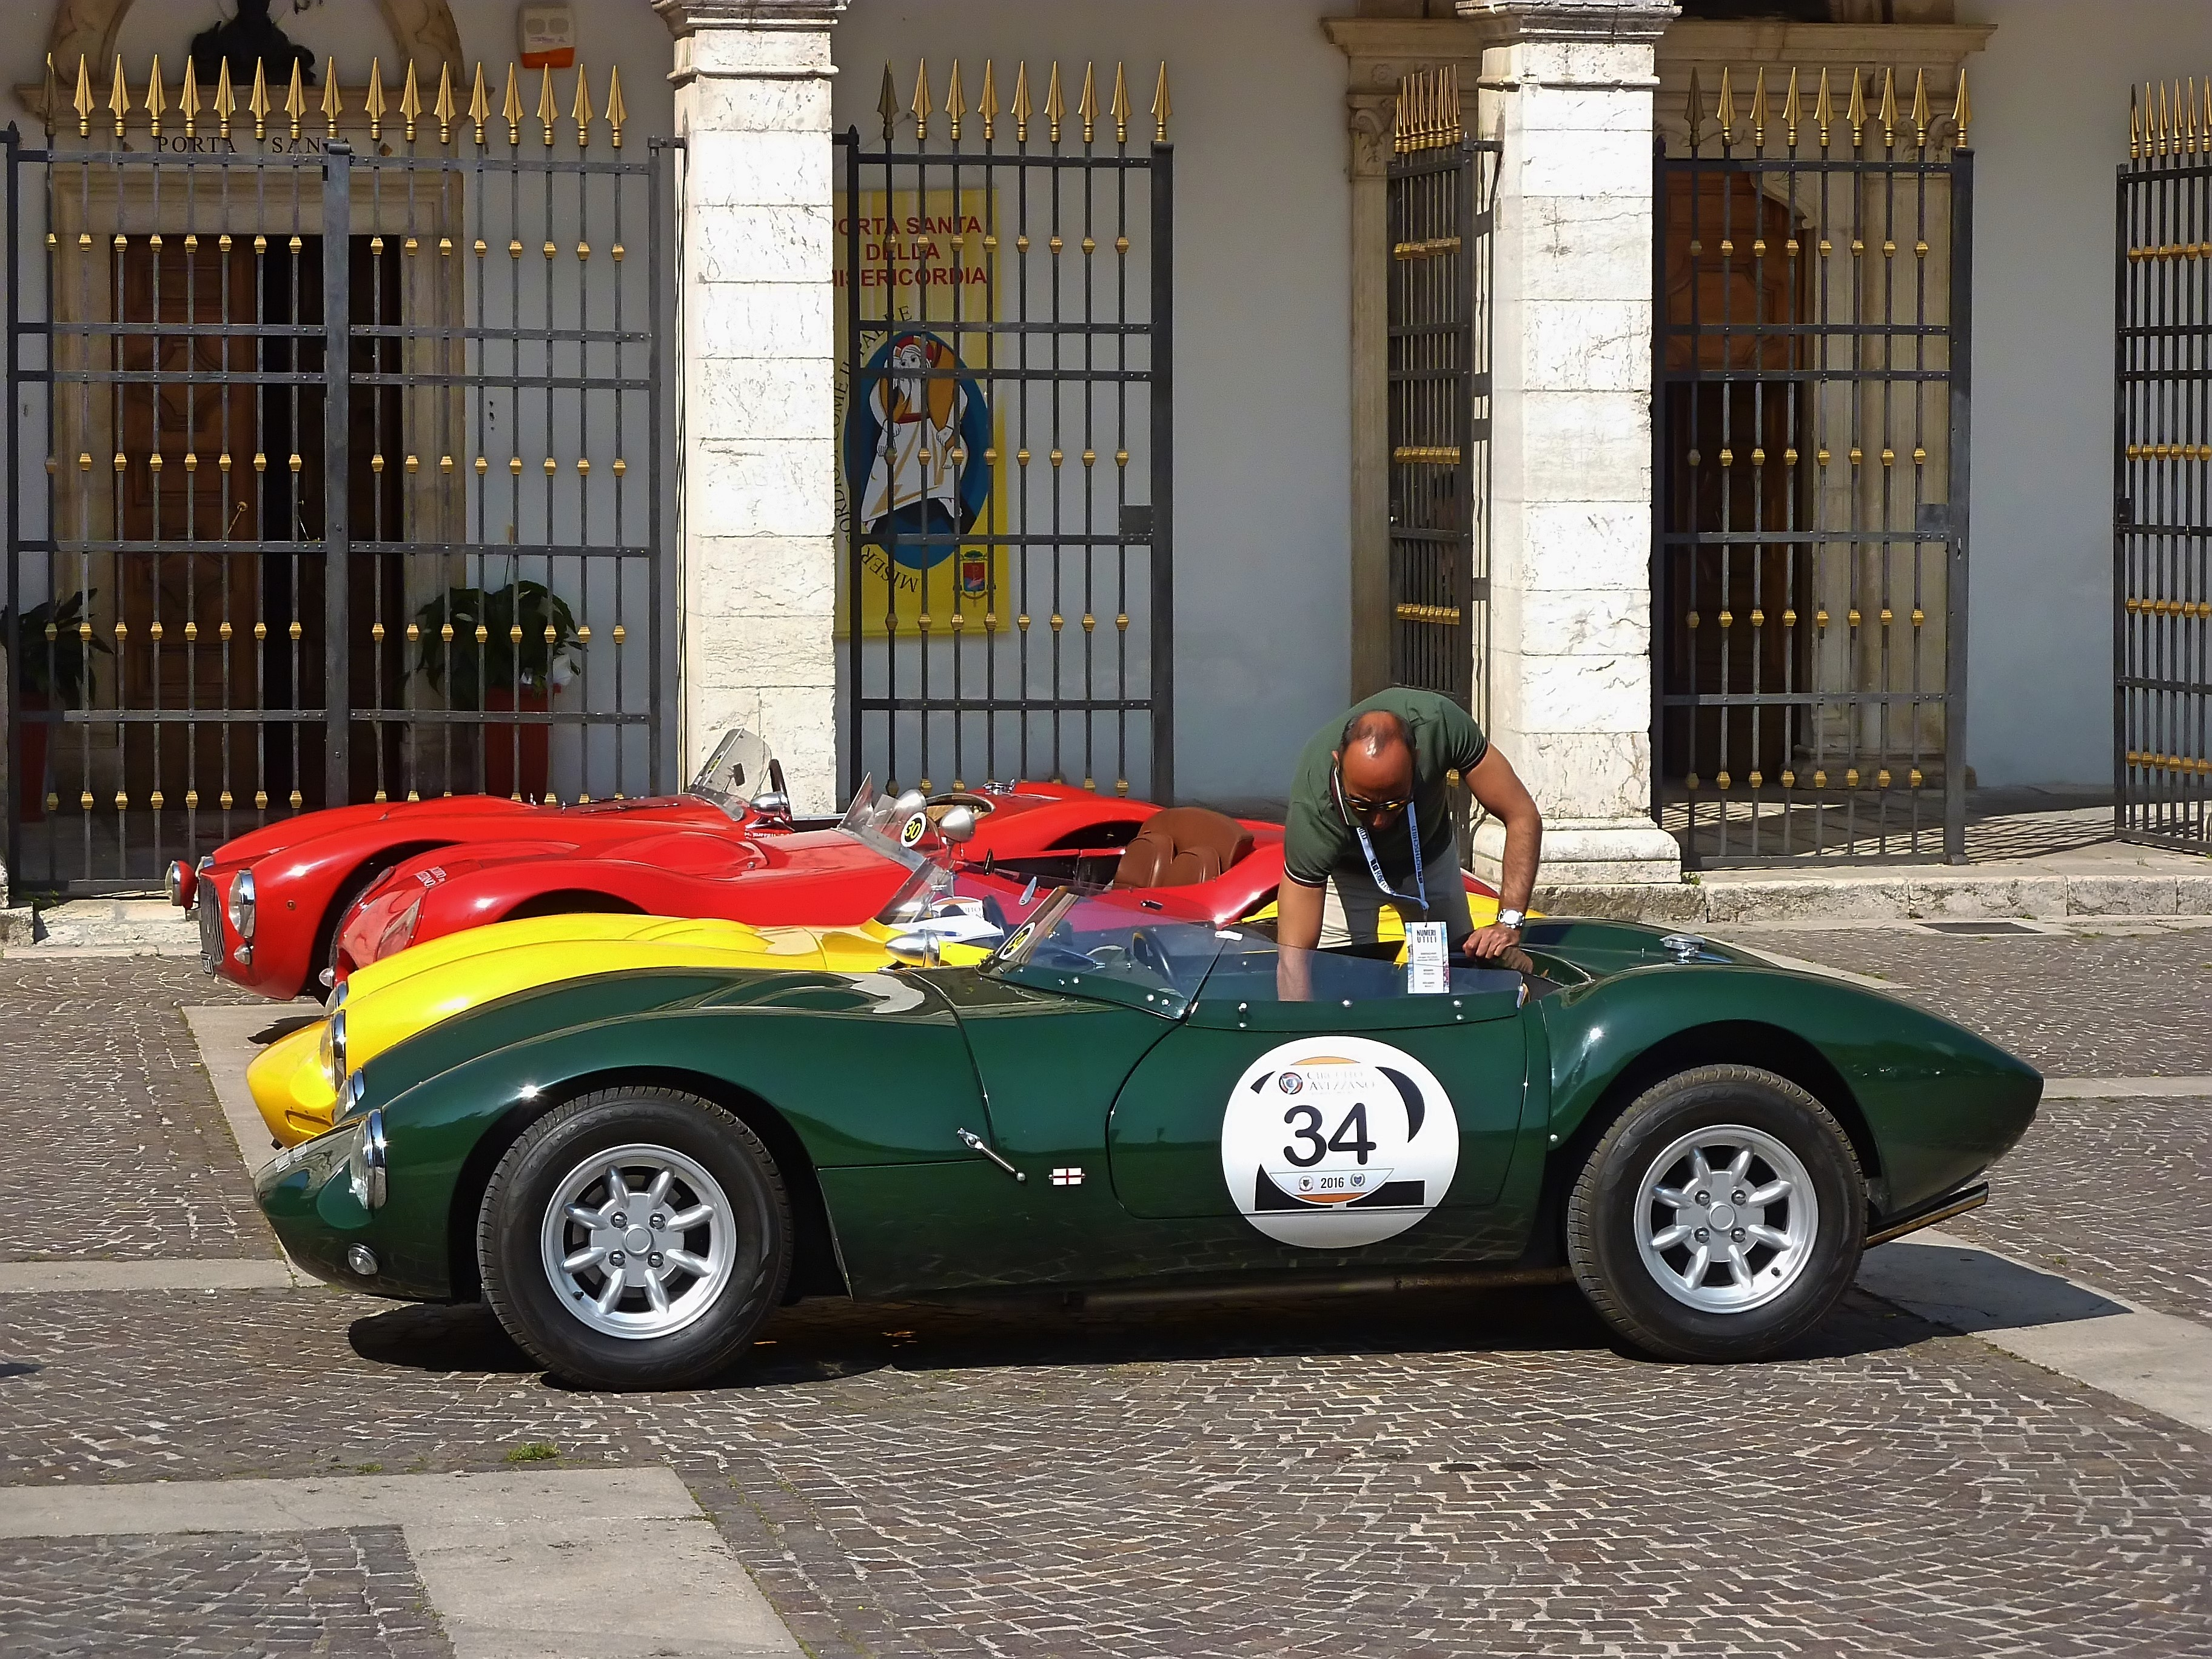 4th Circuito Di Avezzano (142)